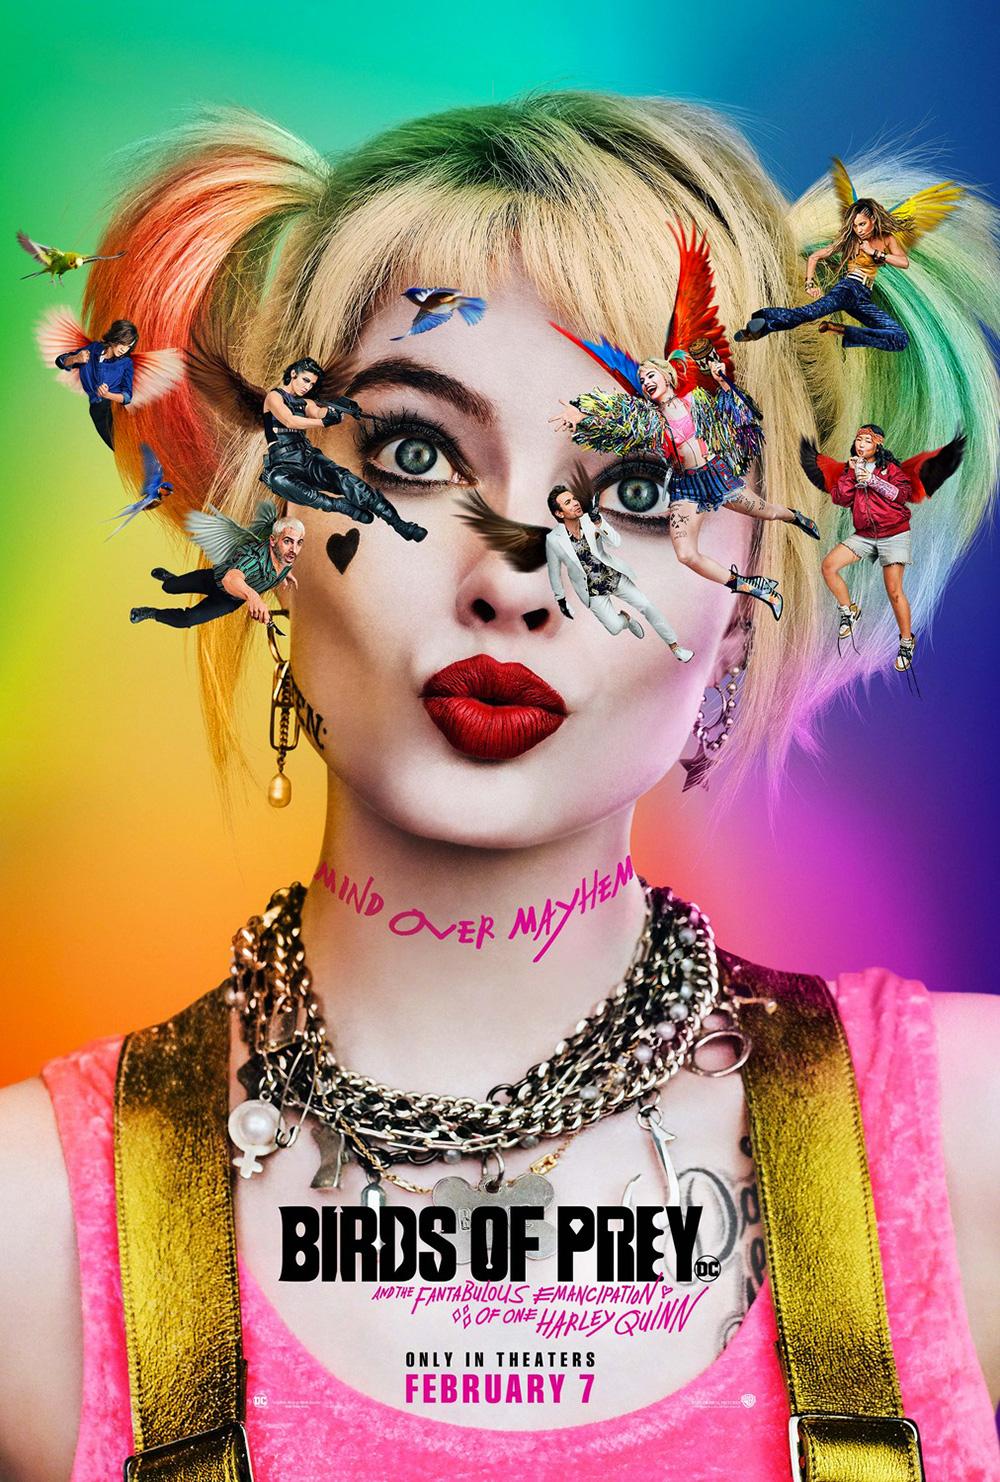 In foto Margot Robbie (31 anni) Dall'articolo: Birds of Prey (E la Fantasmagorica Rinascita di Harley Quinn), il poster originale del film.